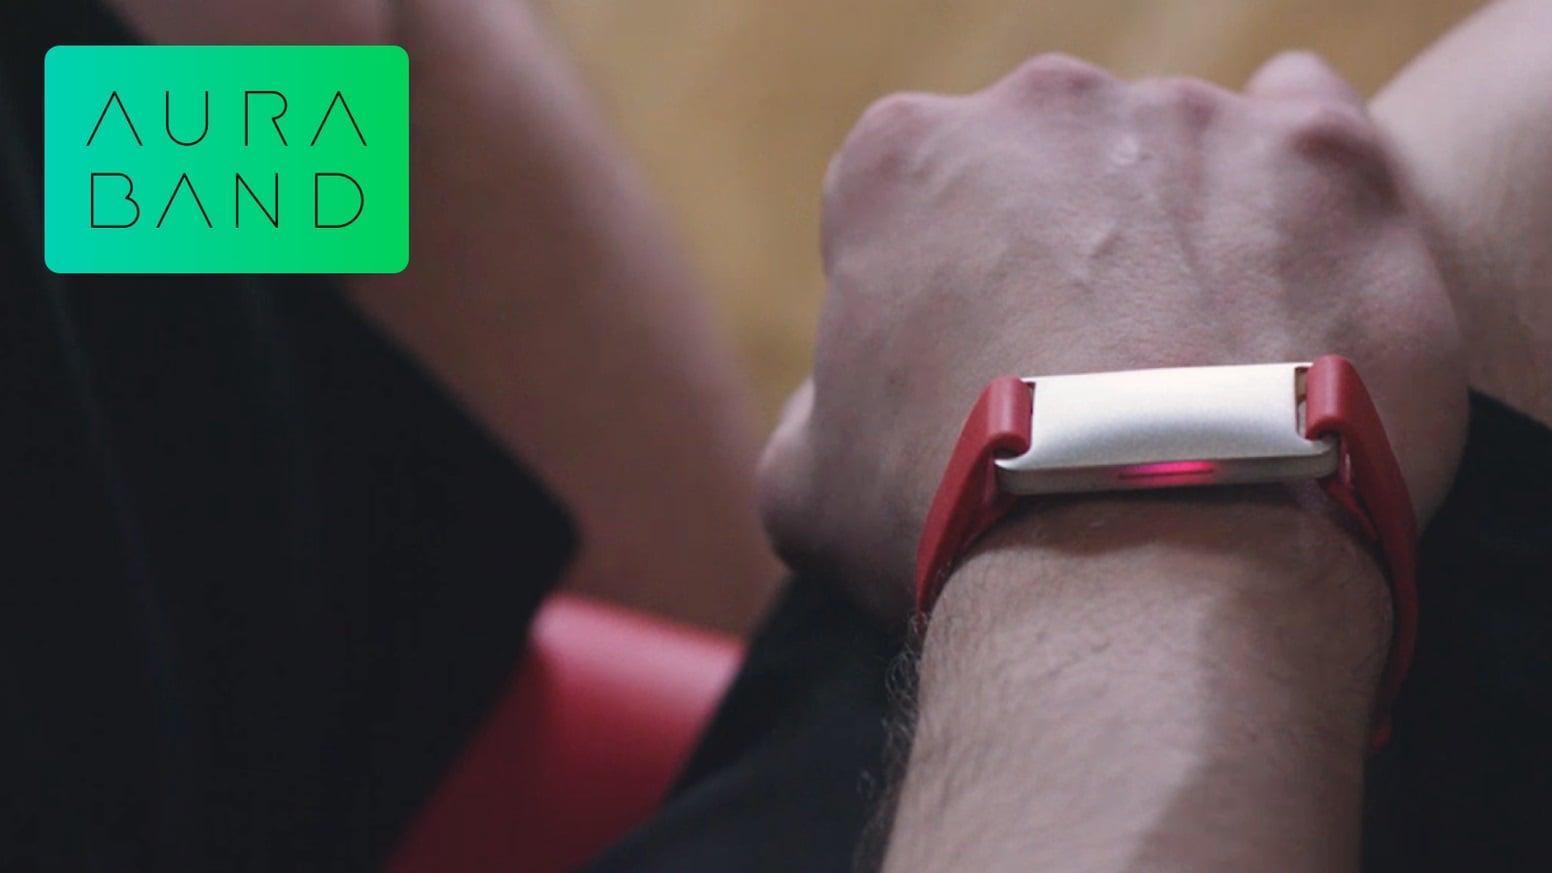 Tabletowo.pl Czegoś takiego jeszcze nie było. To nie jest zwykły pasek do Apple Watch - Aura Band dodaje szereg przydatnych funkcji CES 2019 Wearable